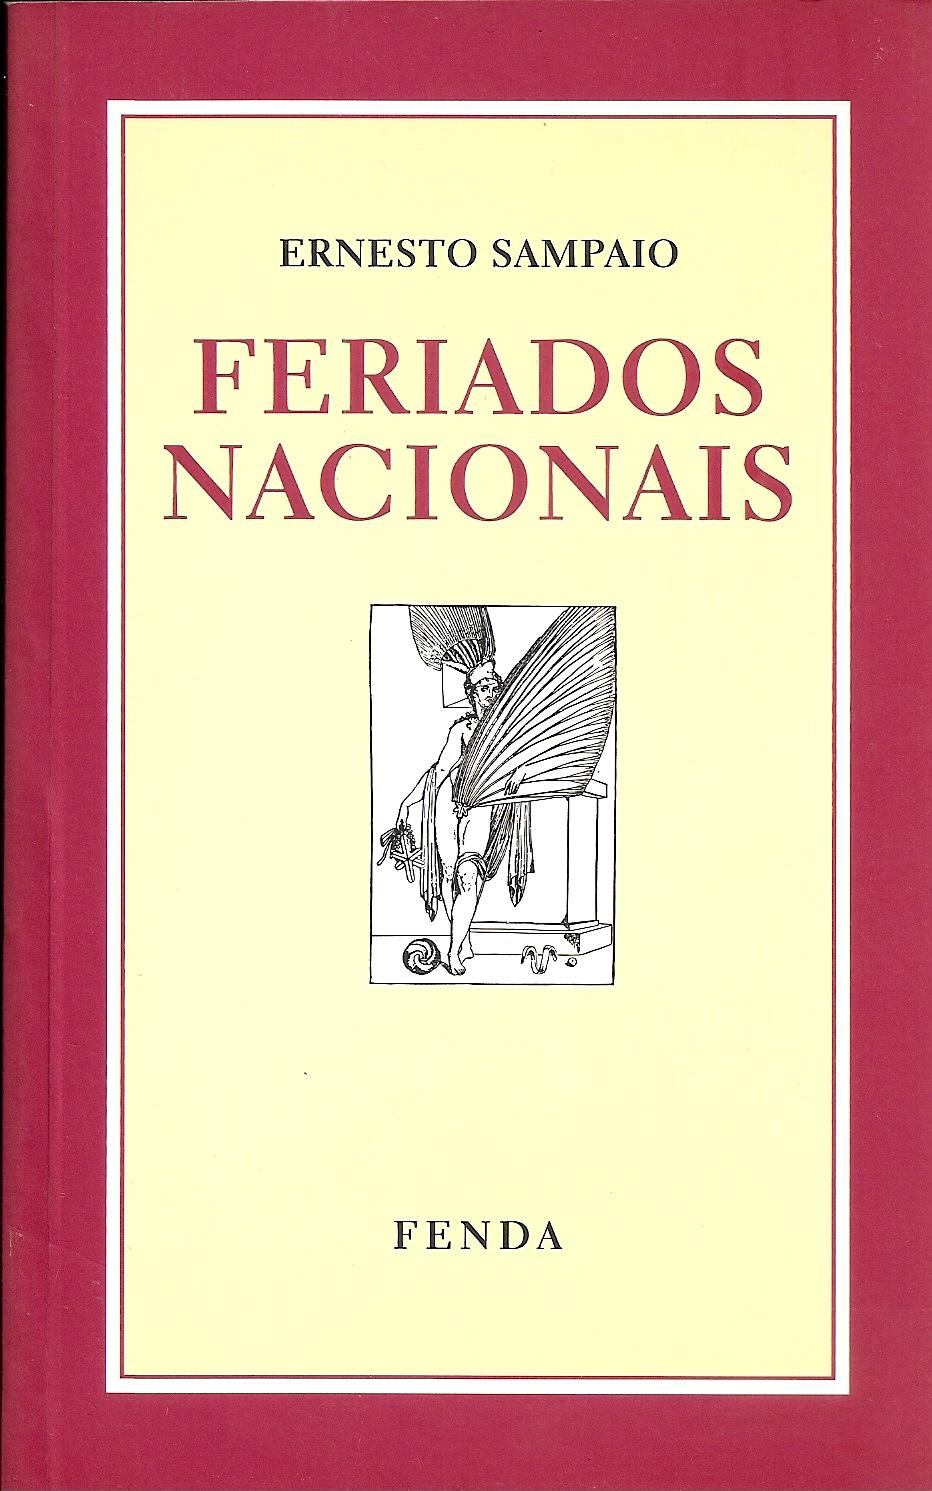 Feriados Nacionais